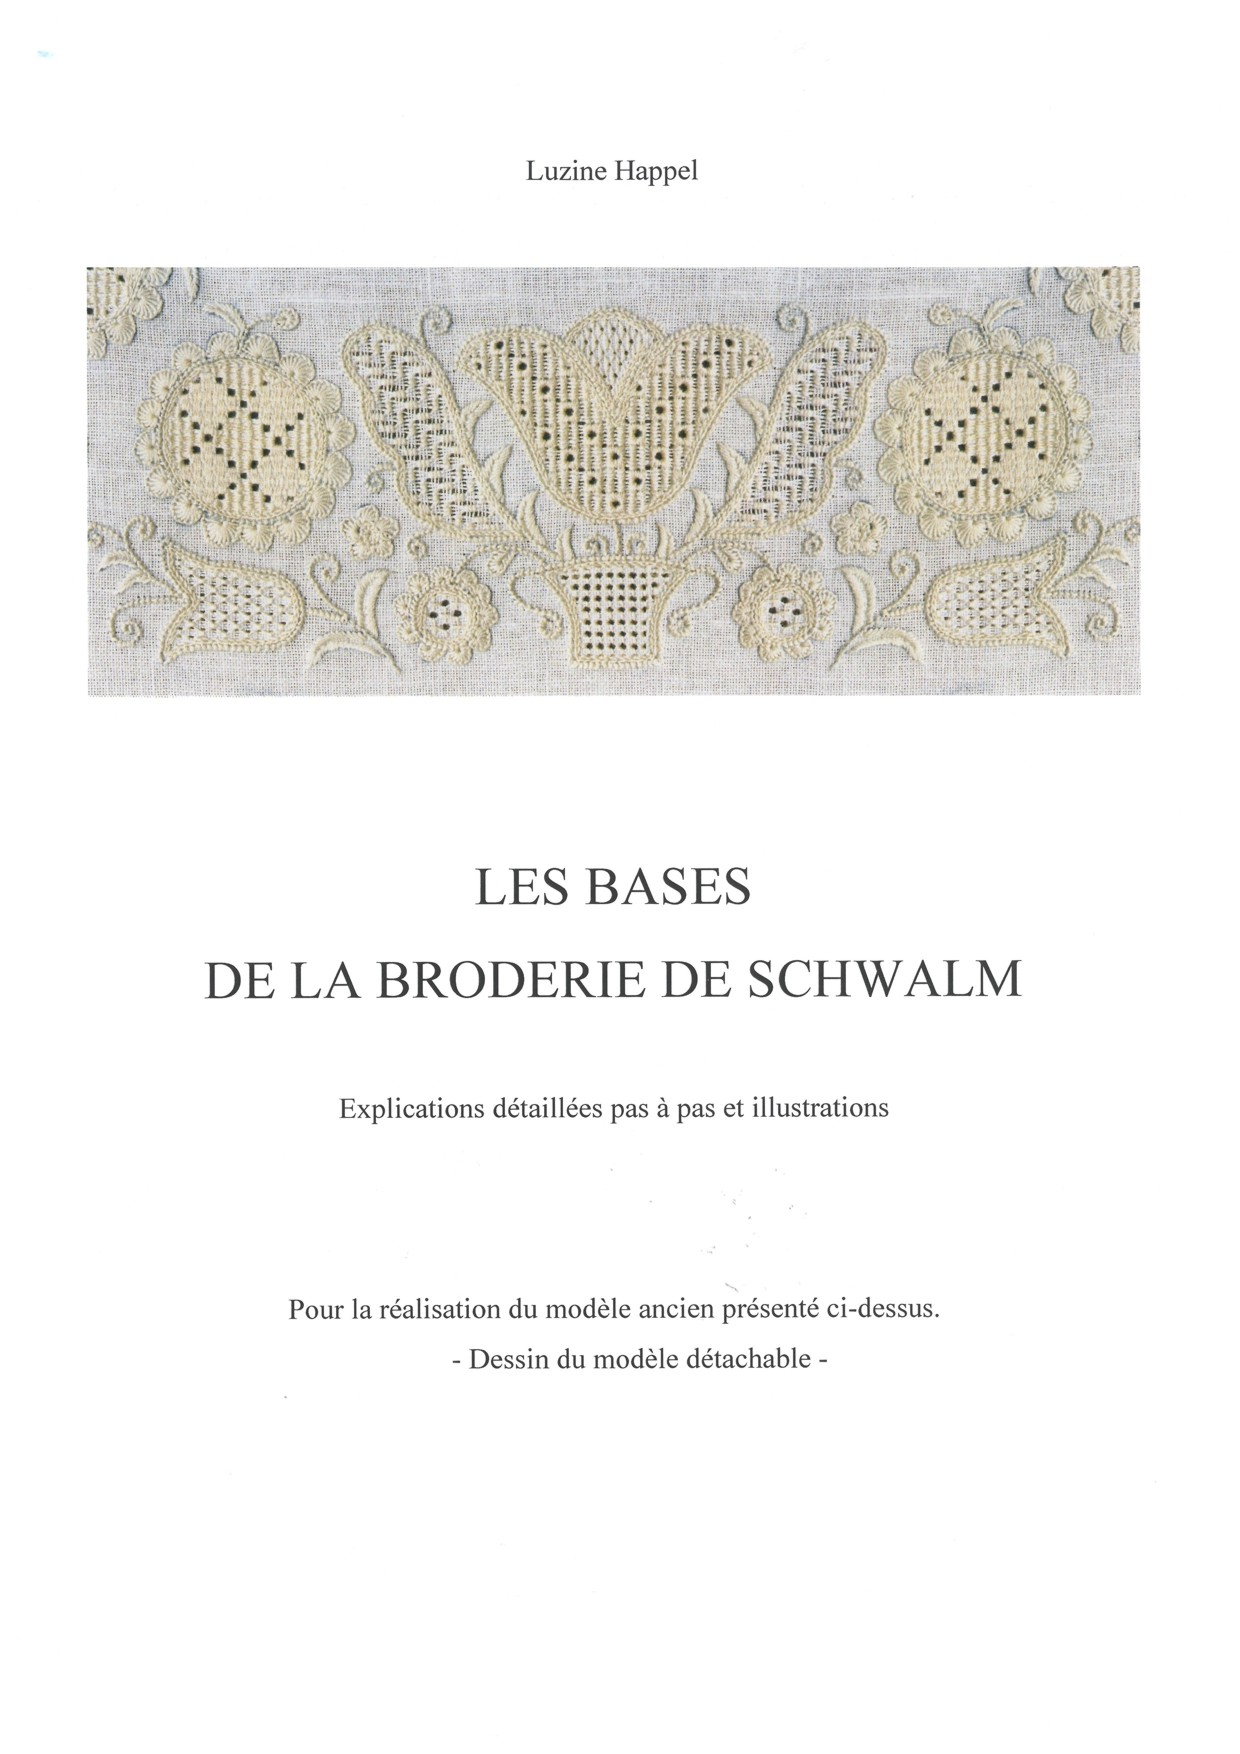 LES BASES DE LA BRODERIE DE SCHWALM 1 / 8